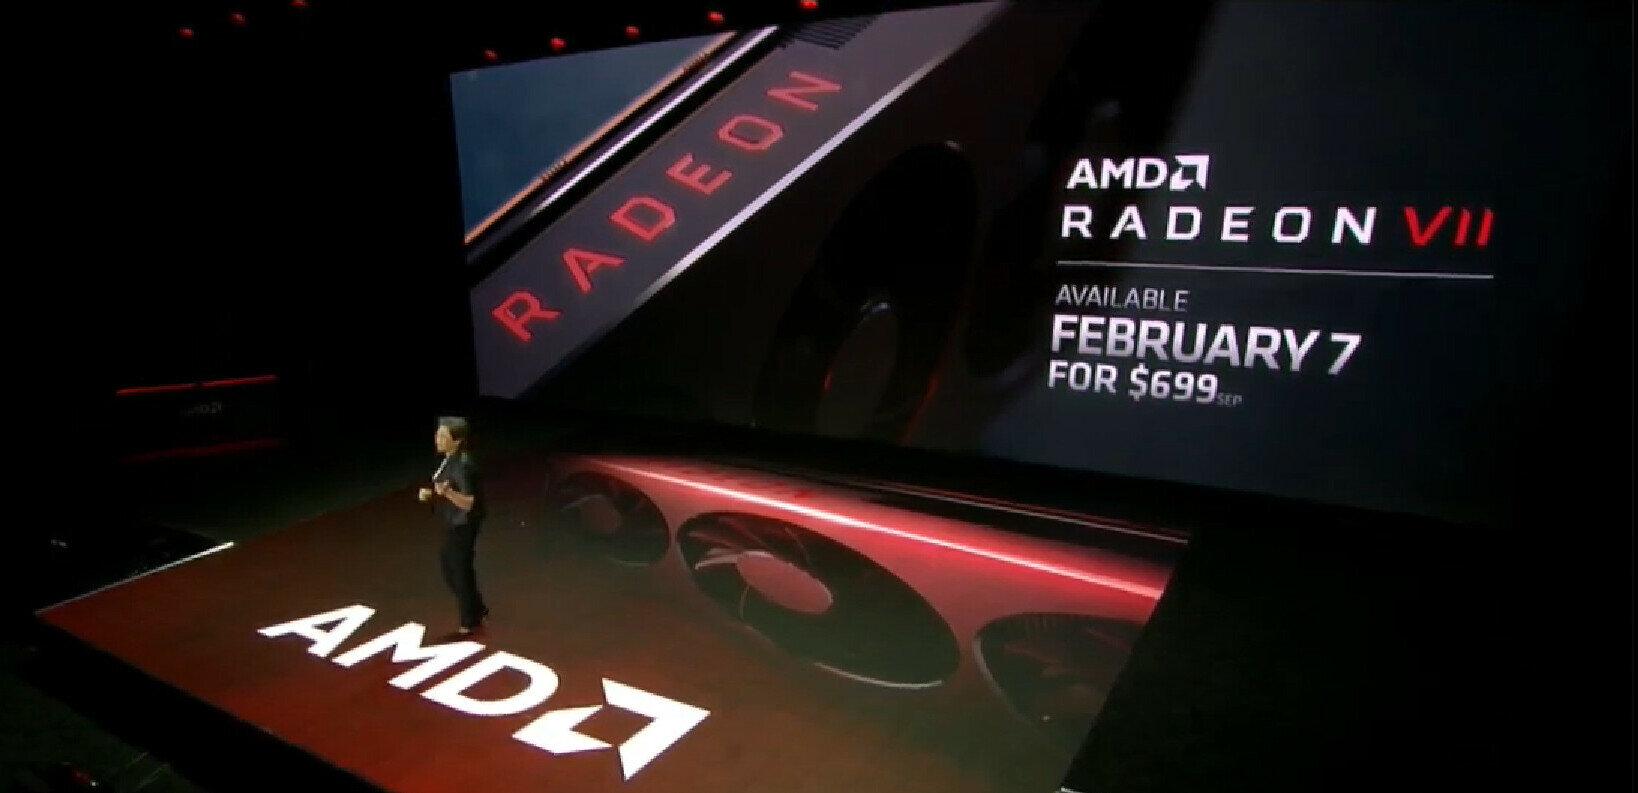 La Radeon VII d'AMD disponible le 7 février : 7 nm, performances d'une RTX 2080... 700 euros